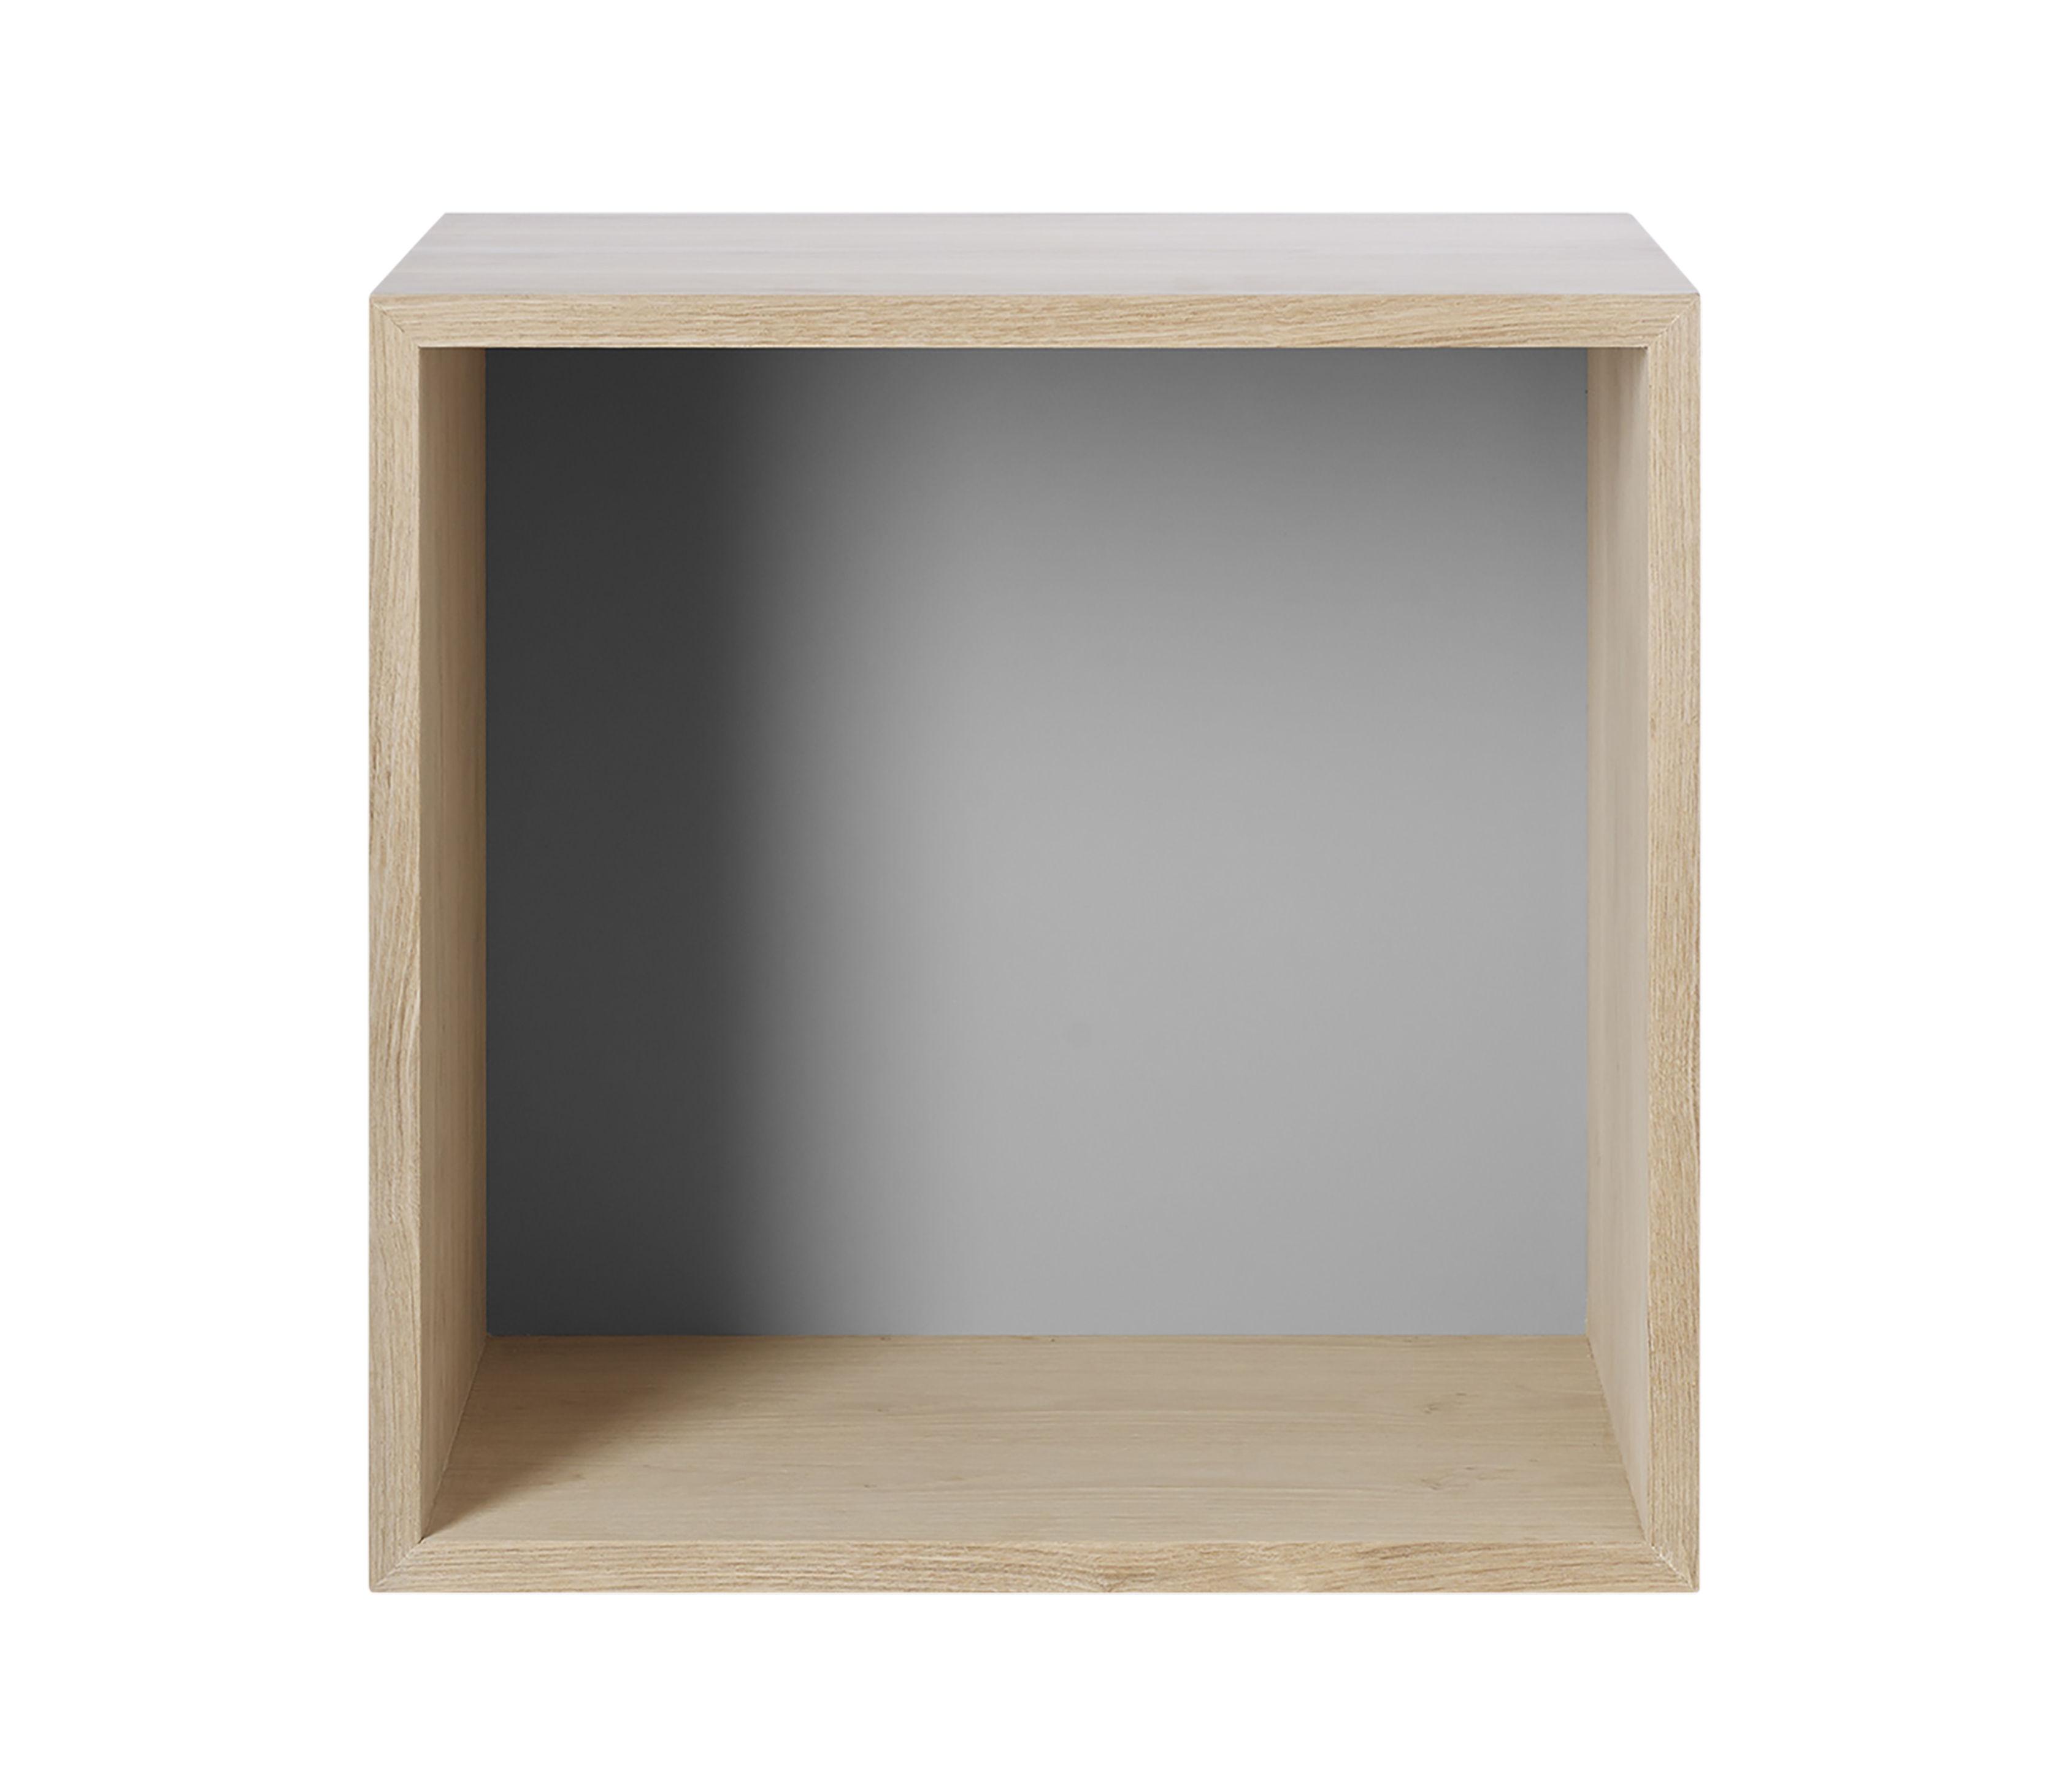 Mobilier - Etagères & bibliothèques - Etagère Mini Stacked 2.0 / Medium carré 33x33 cm / Avec fond coloré - Muuto - Chêne / Fond gris clair - MDF peint, MDF placage chêne